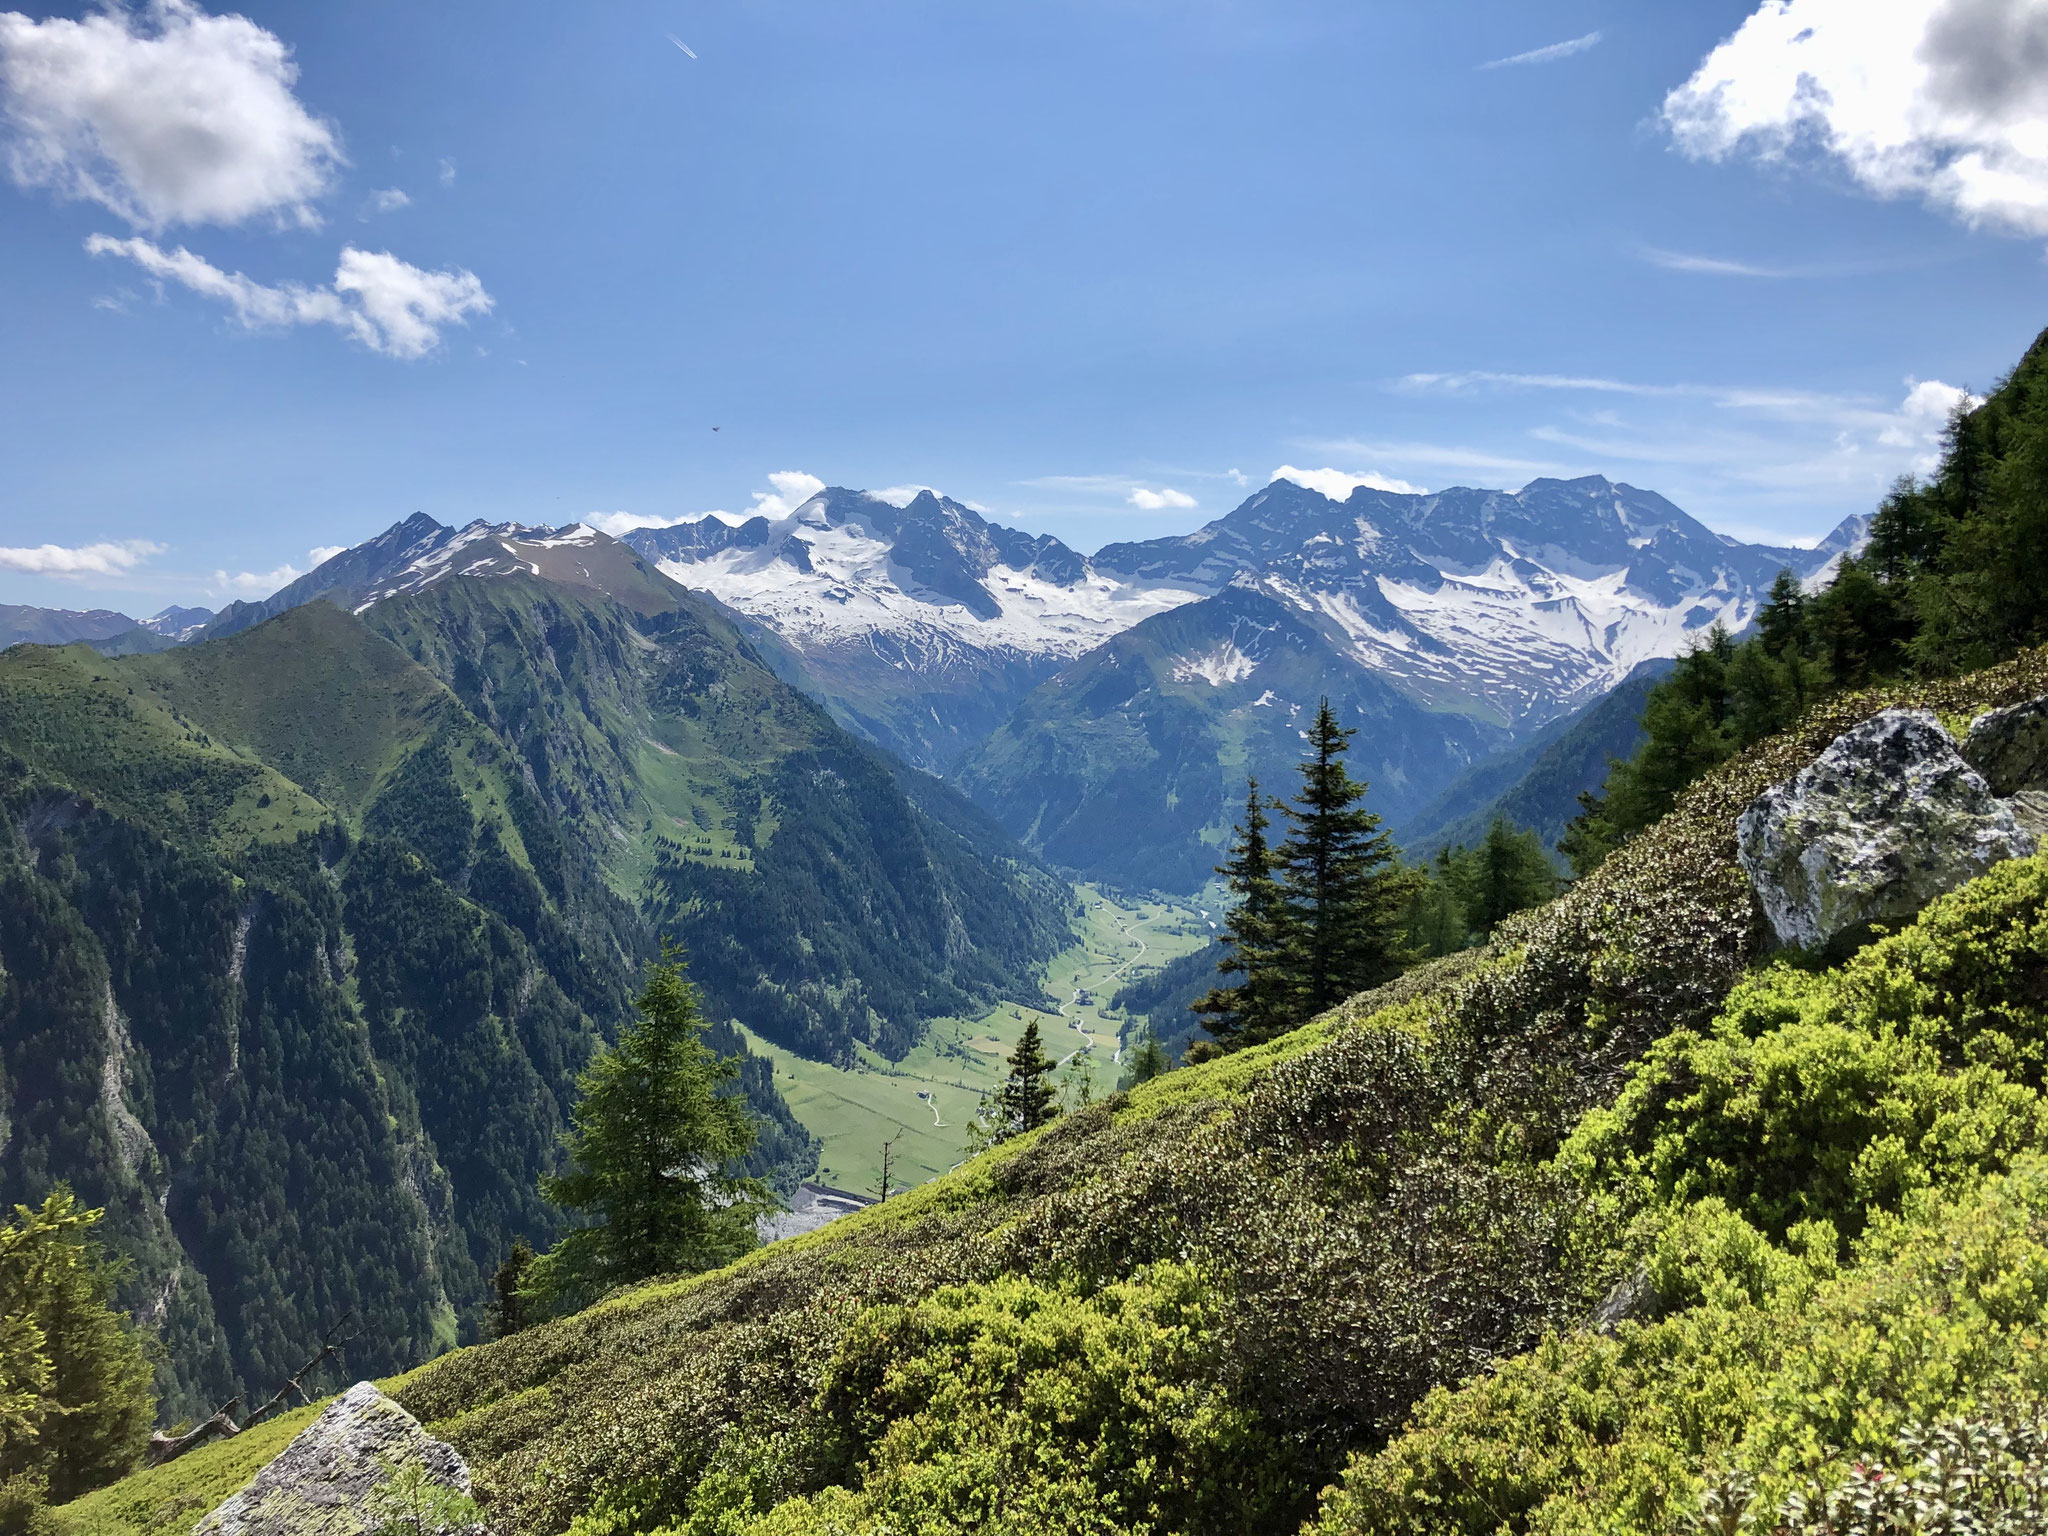 Auch auf dem Abstieg hat man tolle Ausblicke.